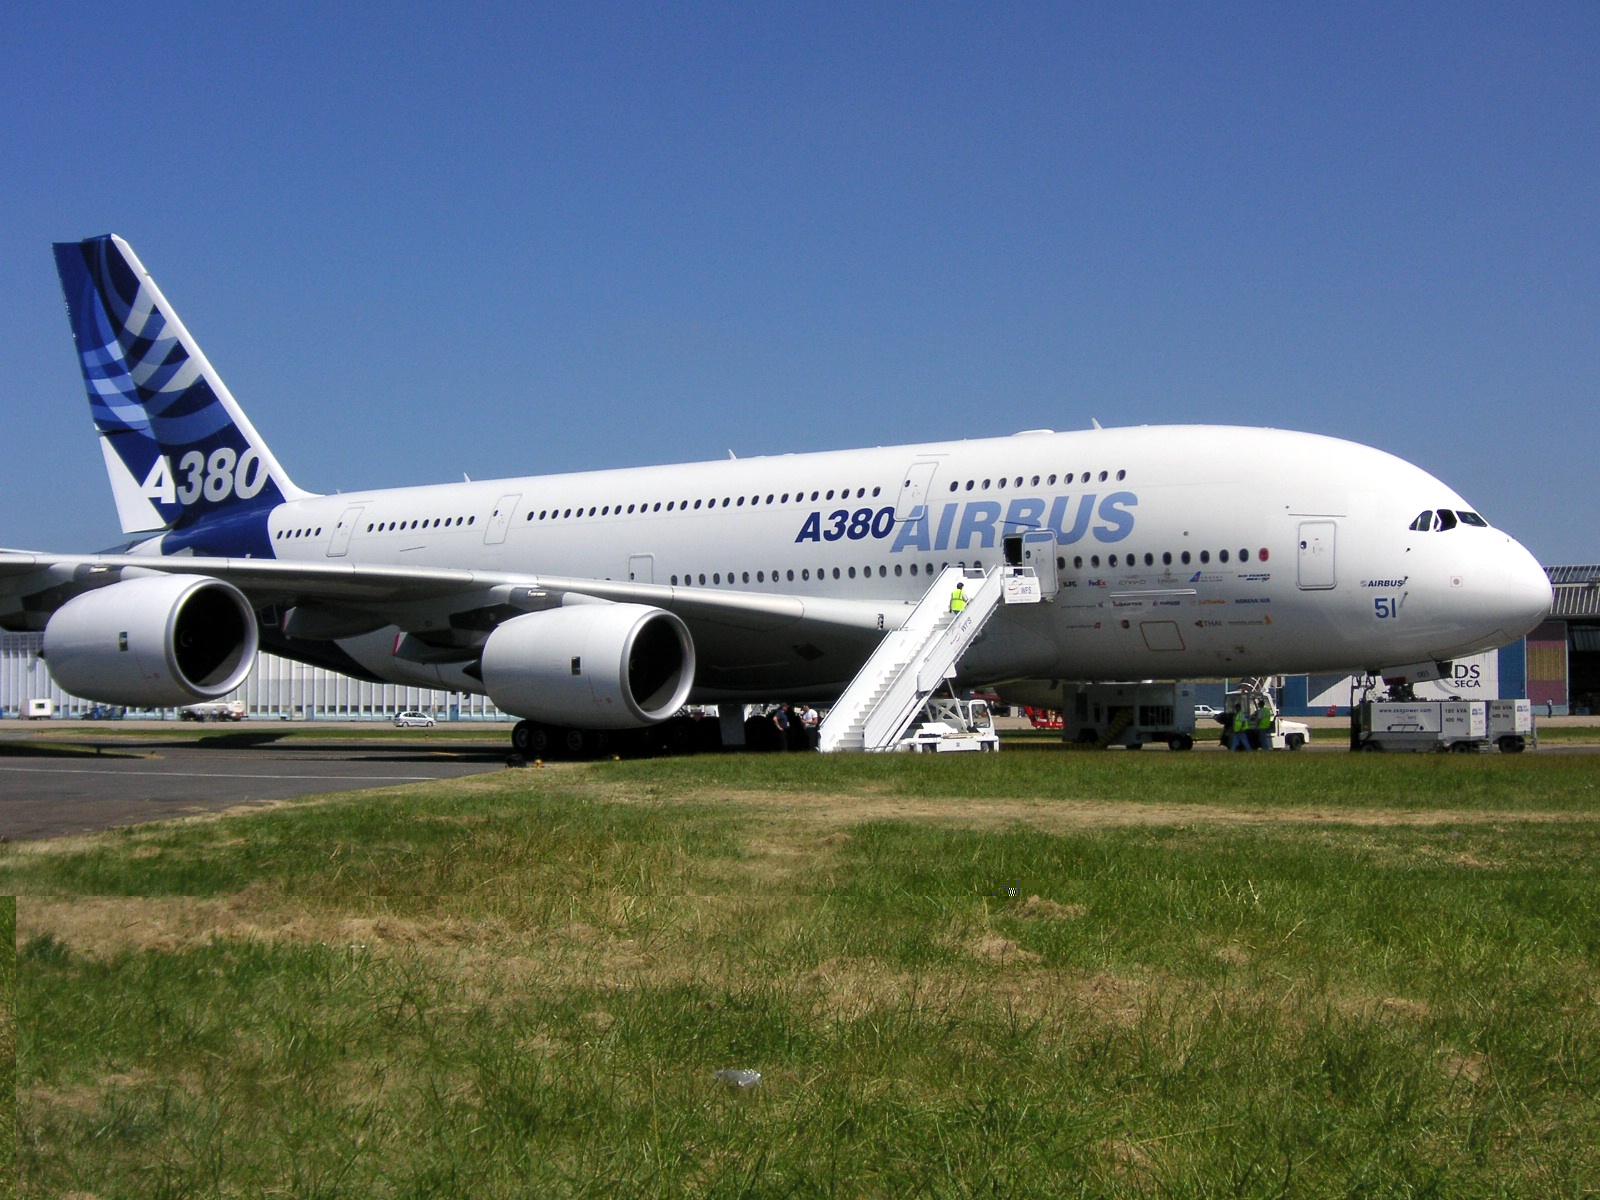 File:airbus A380 Paris Air